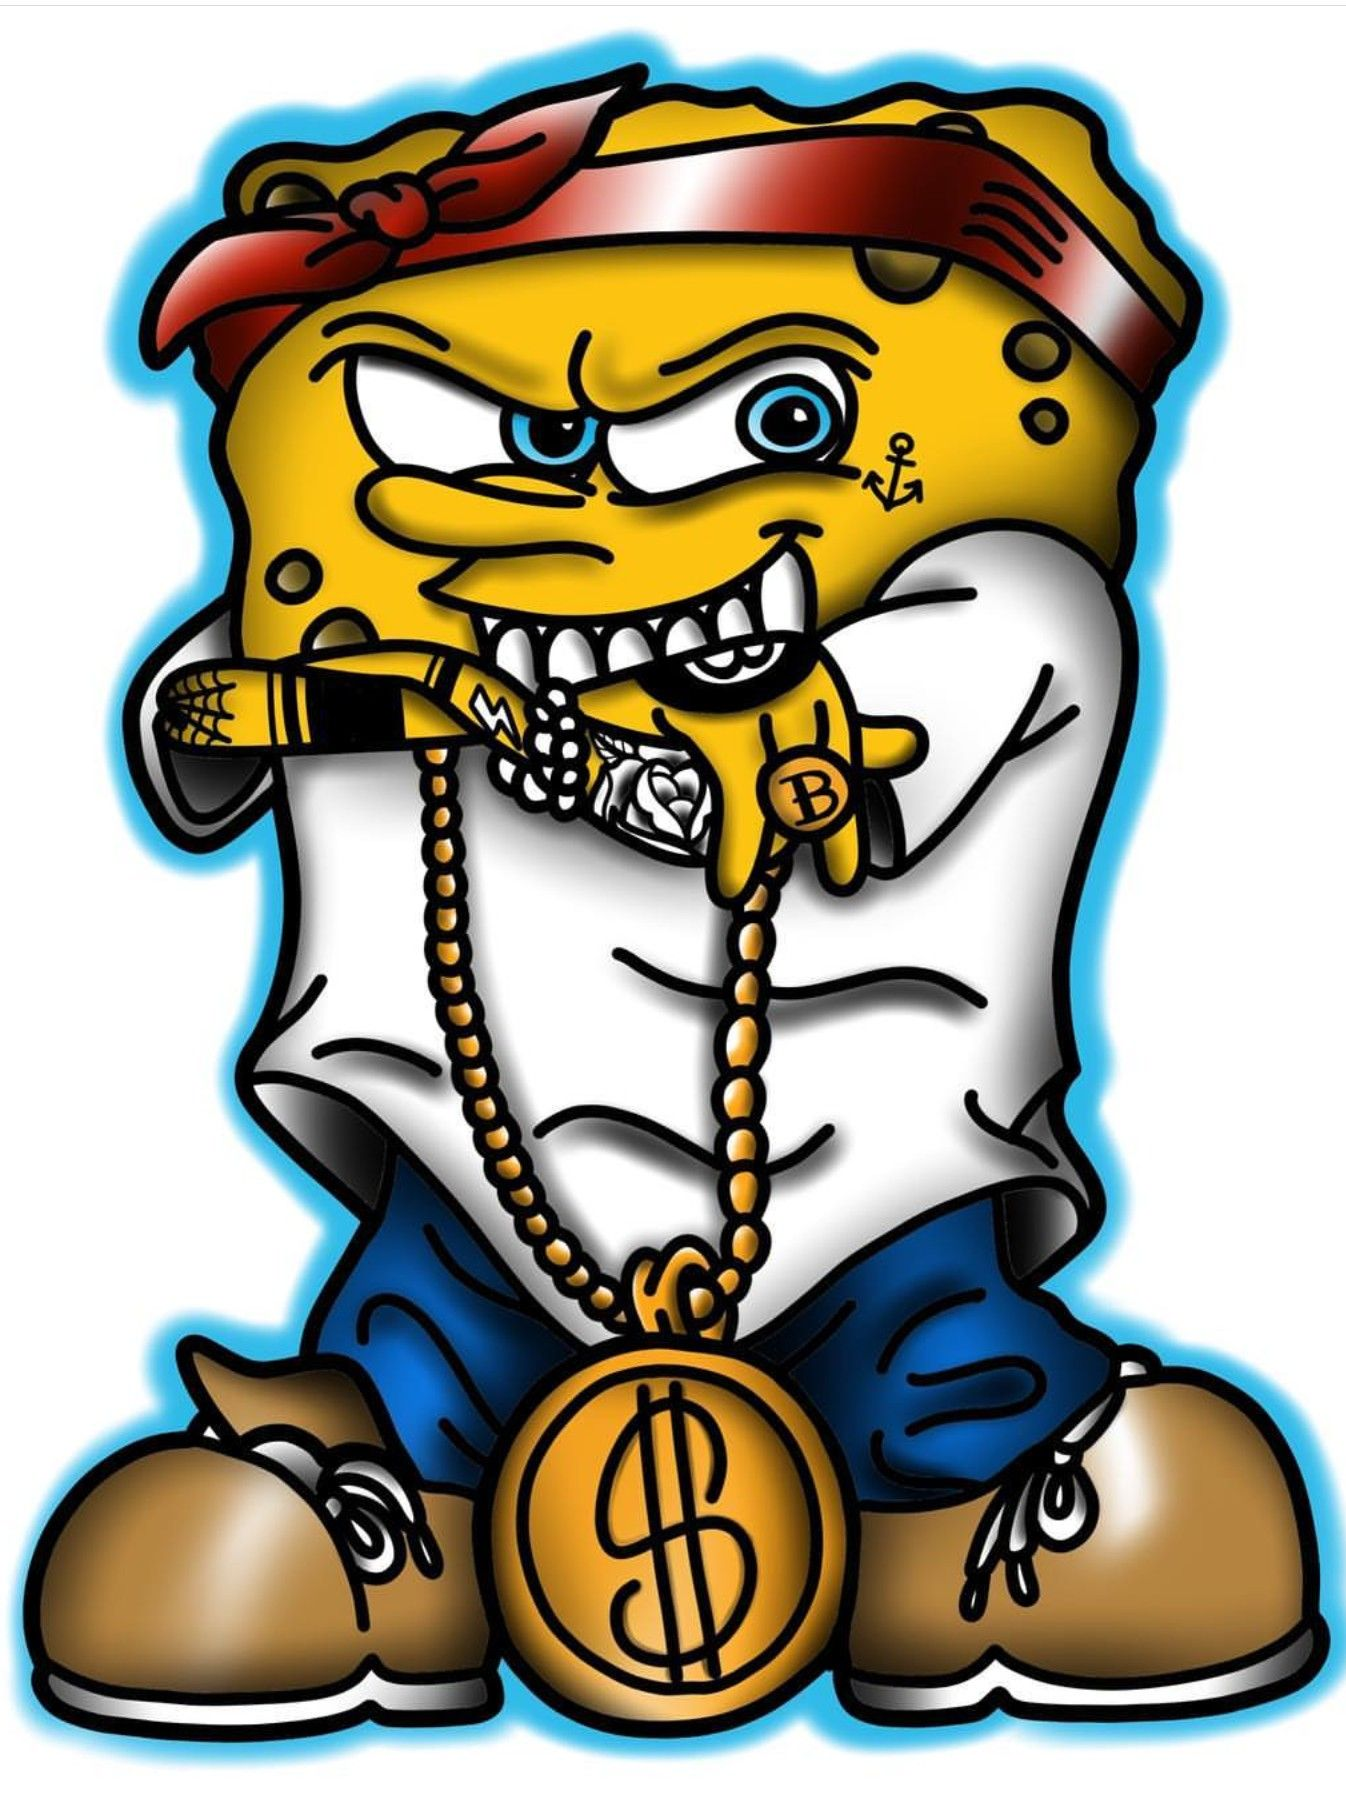 Gangster Iphone Spongebob Wallpaper Novocom Top